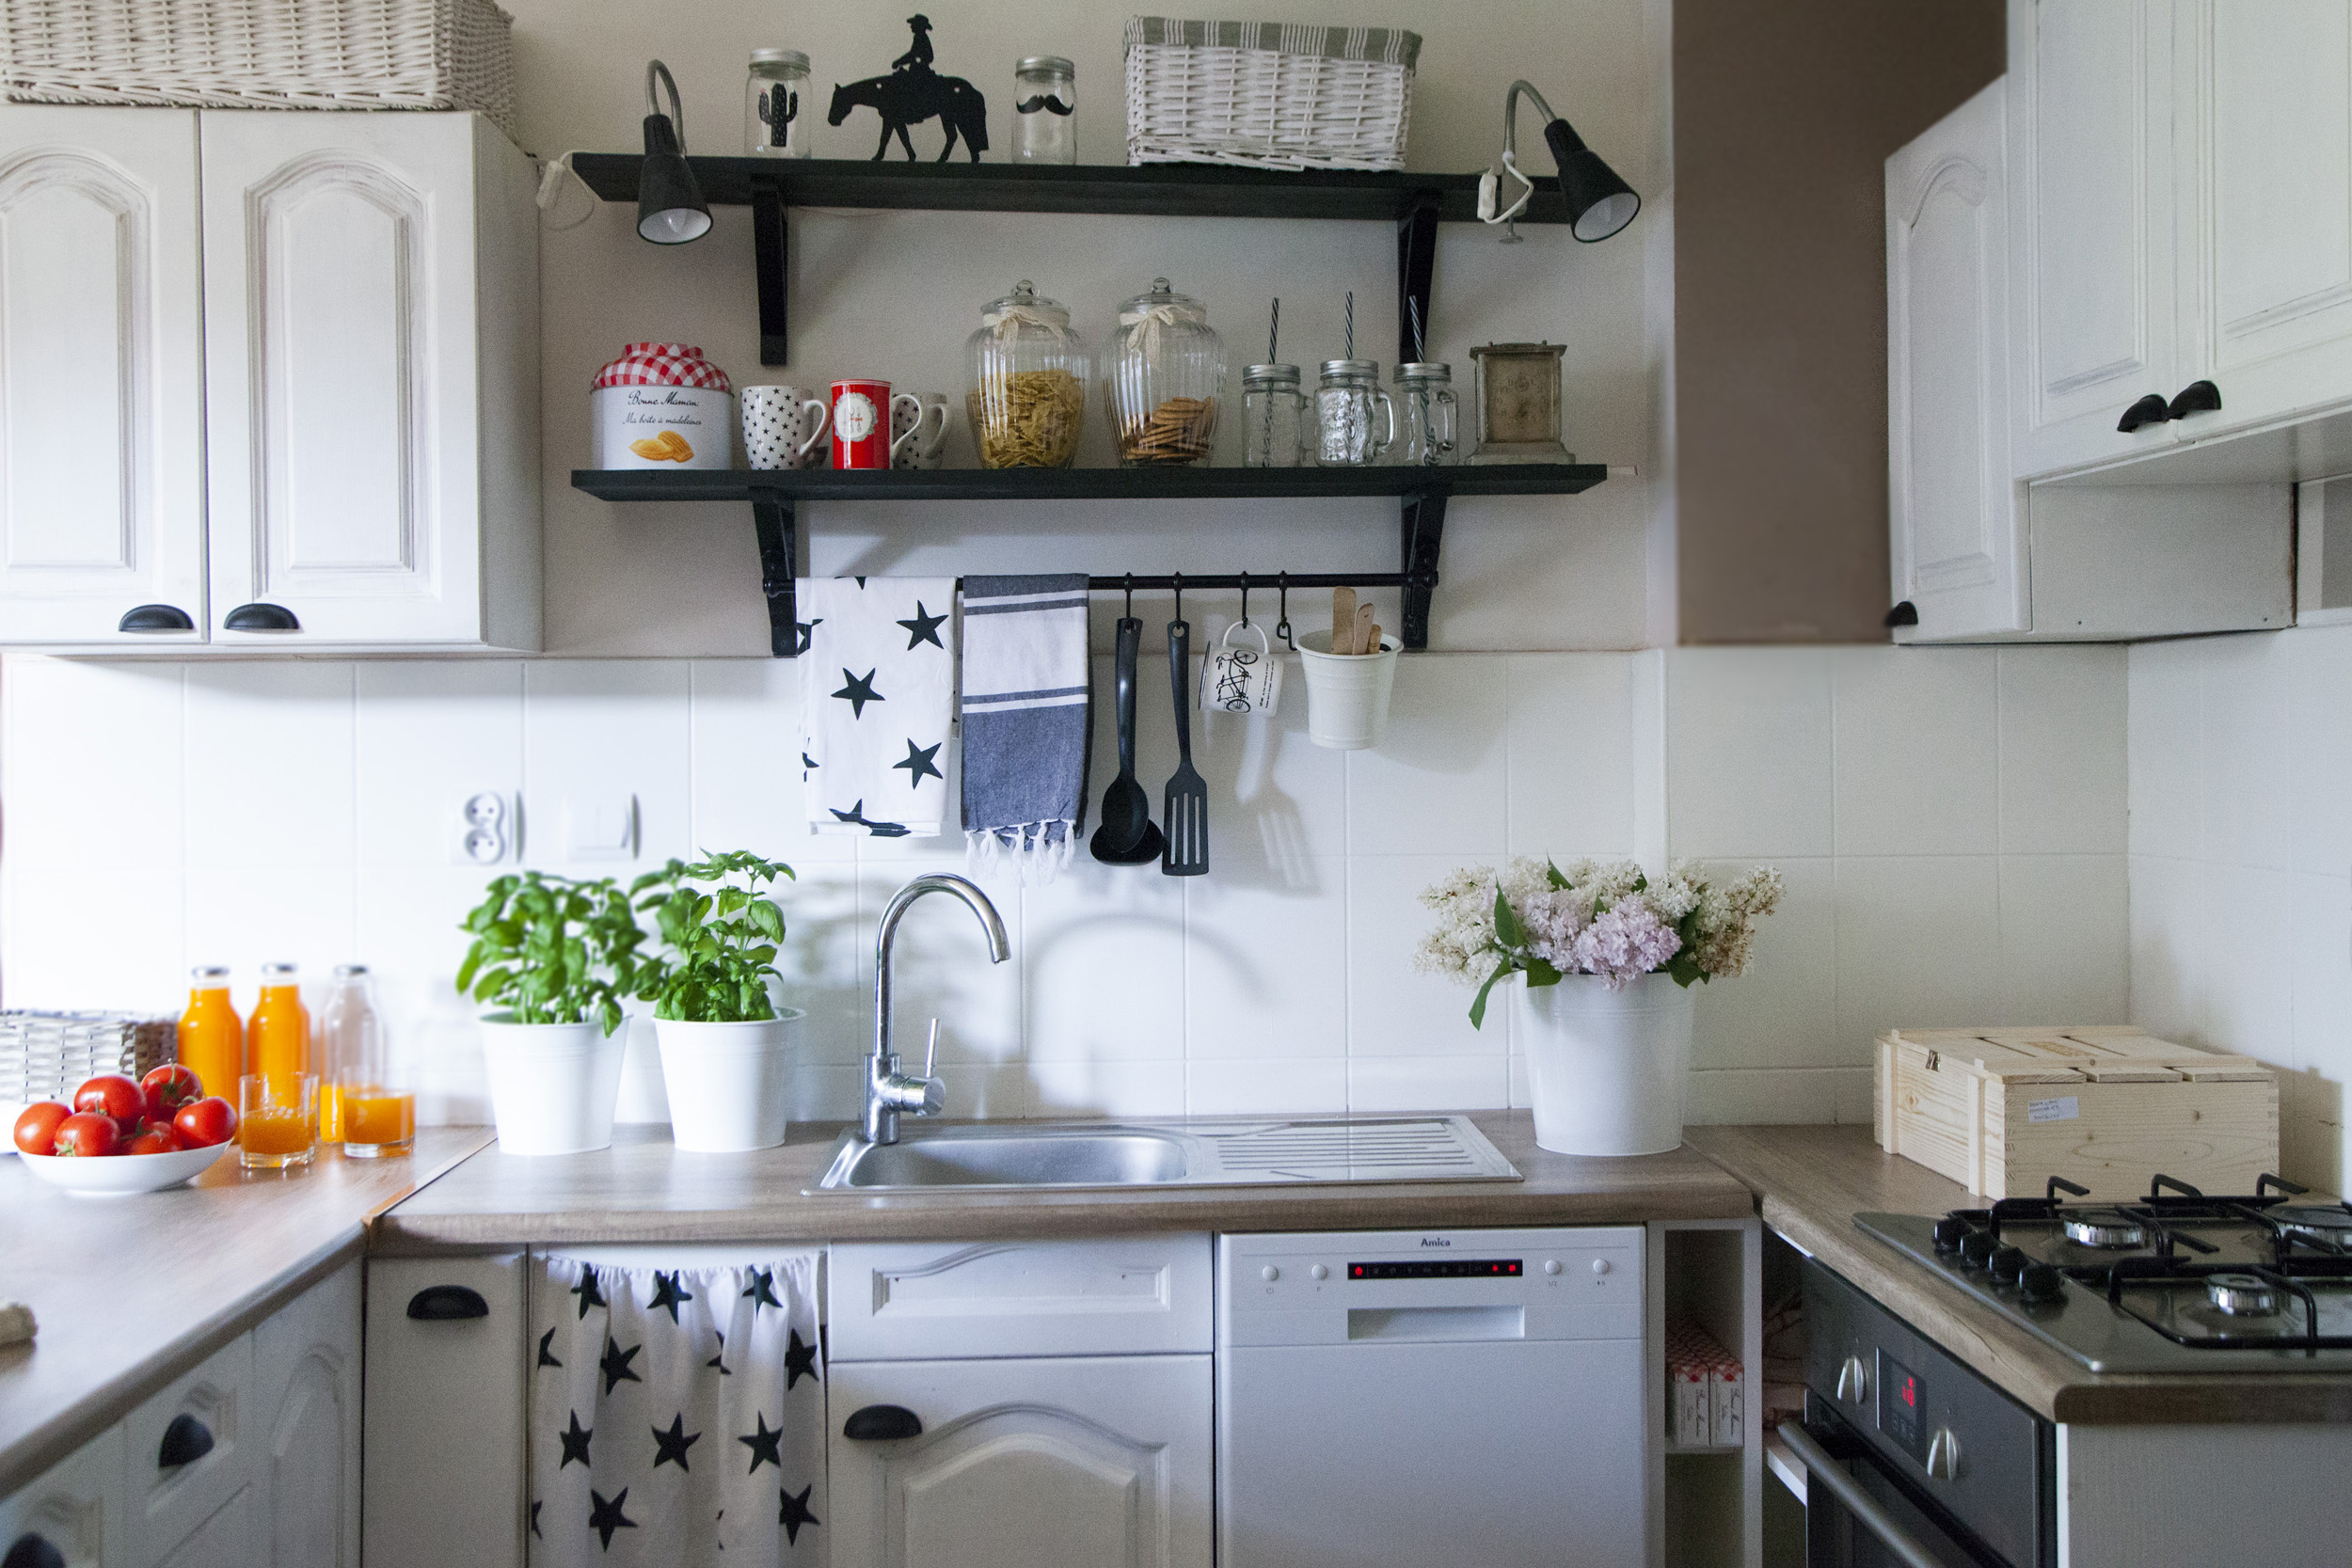 metamorfoza kuchni tanim kosztem malowanie kafelk243w